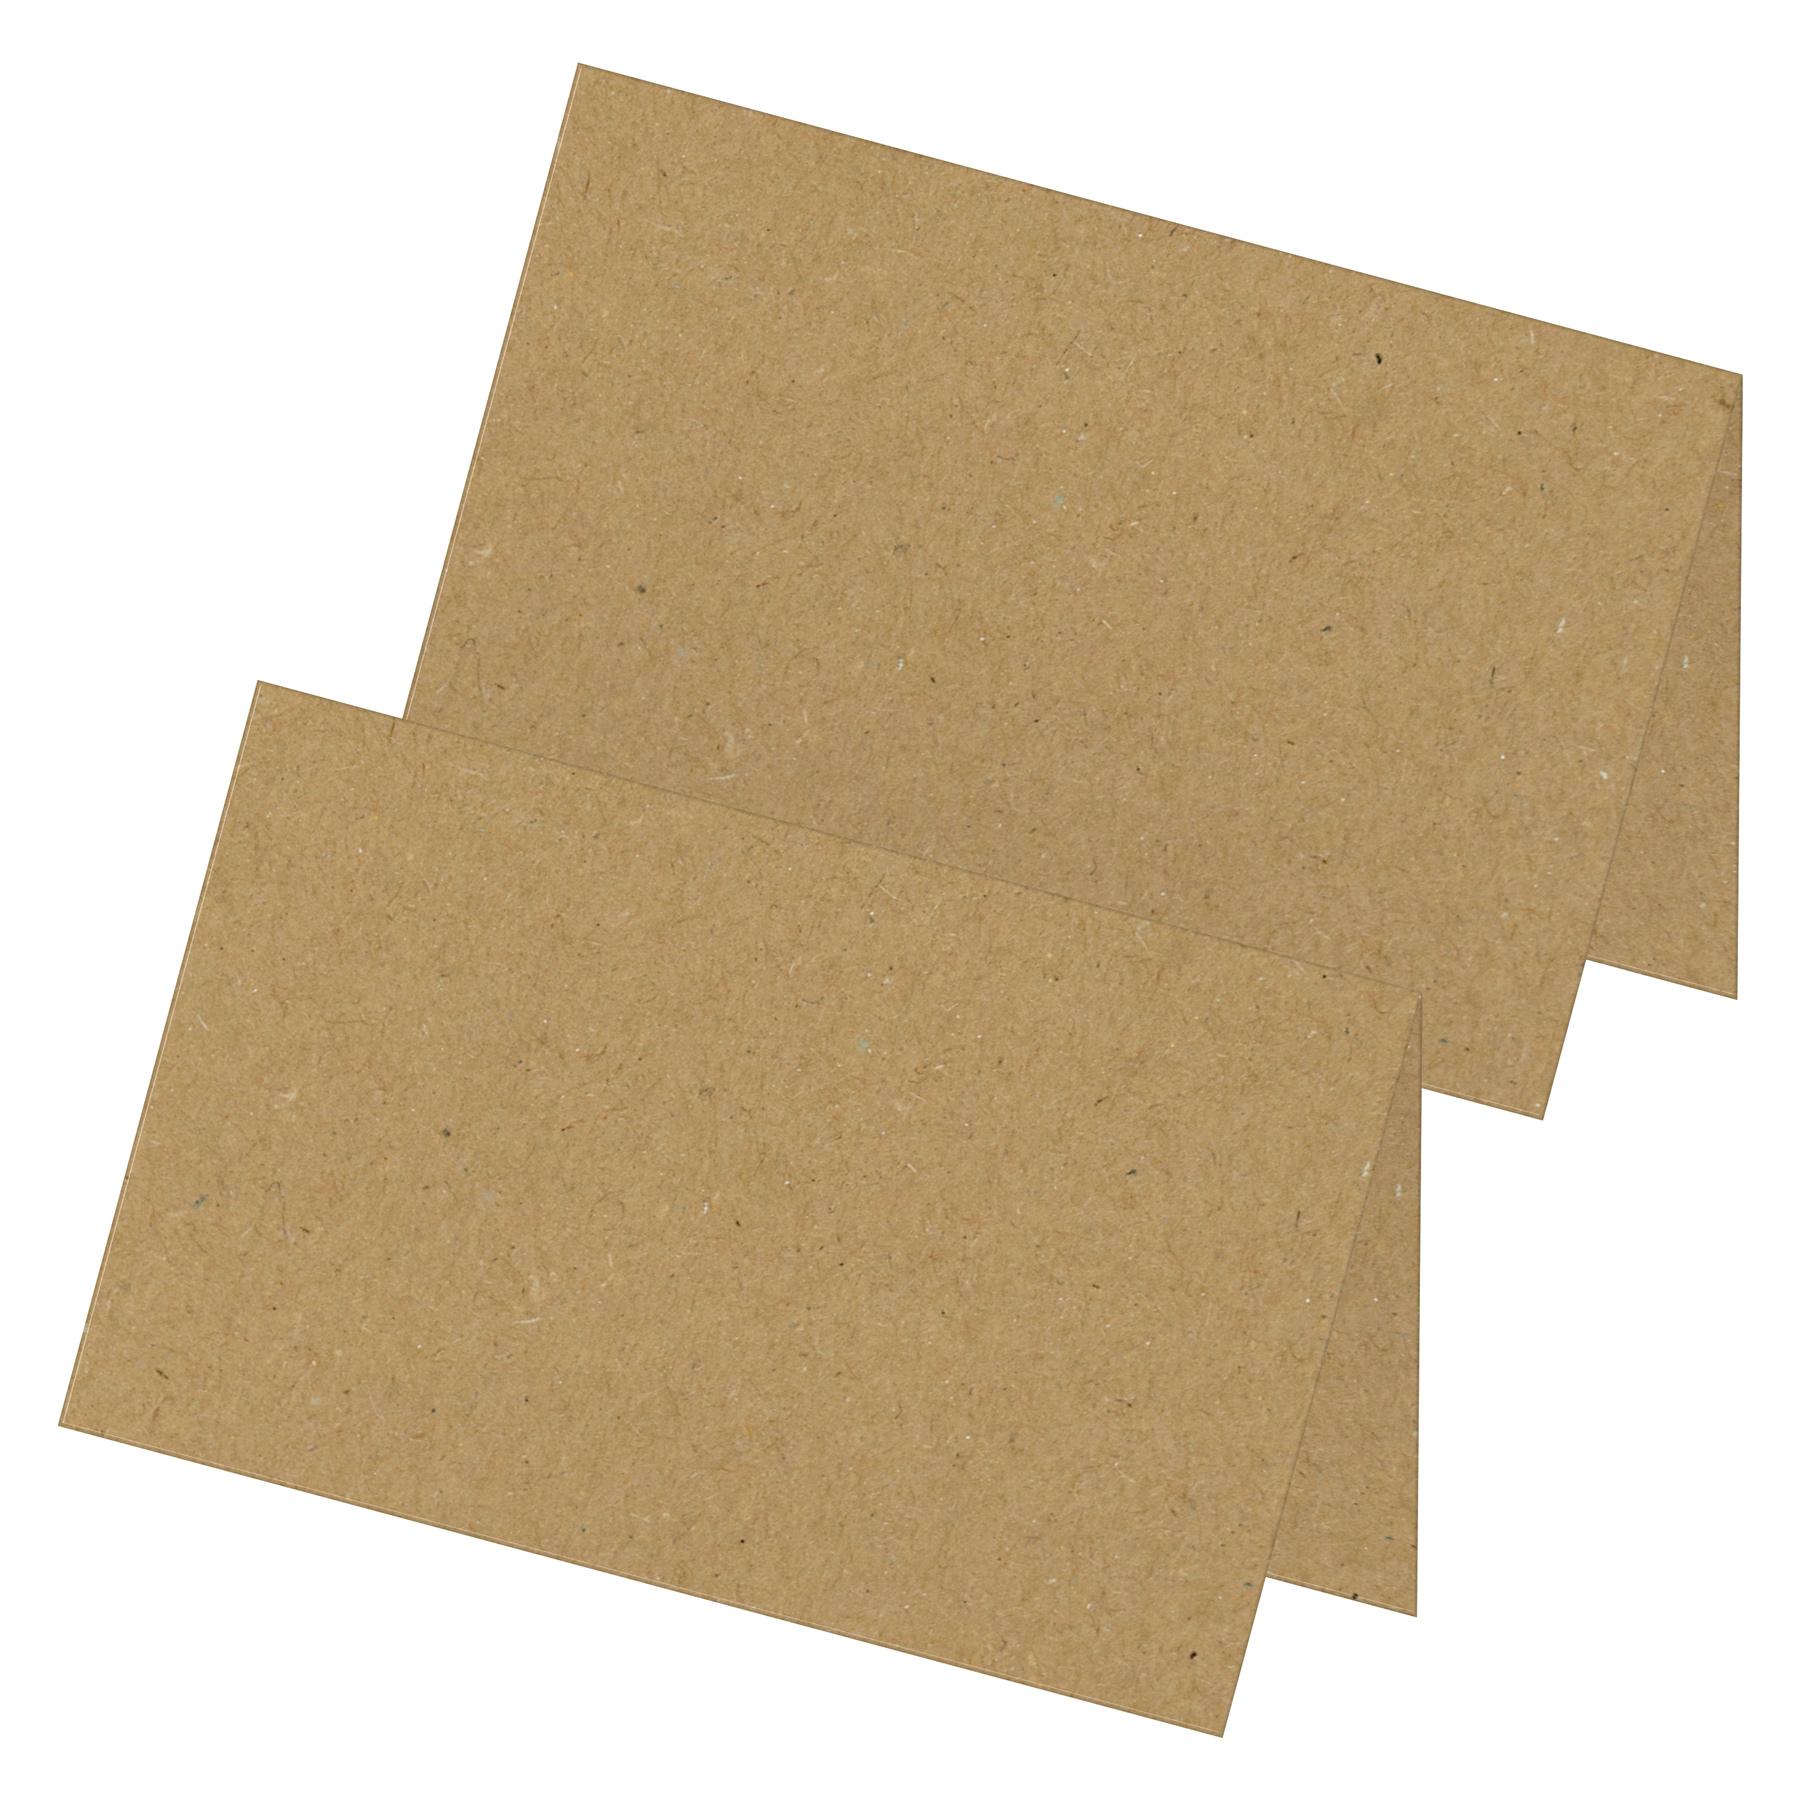 itenga 24x Tischkarten Neutral Braun Kraftpapierstruktur...